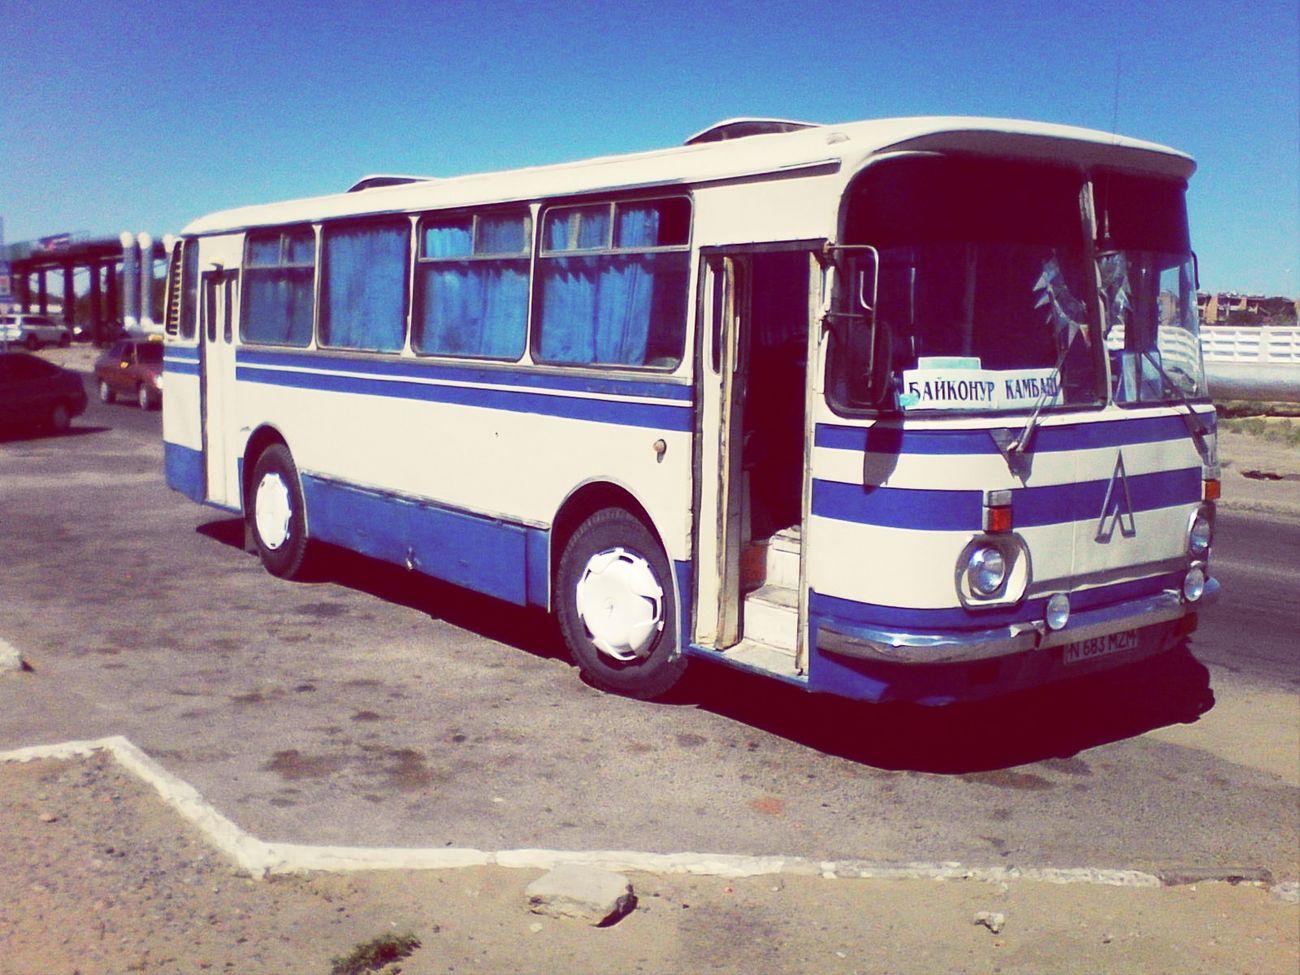 Ктот помнить эти автобусы?)